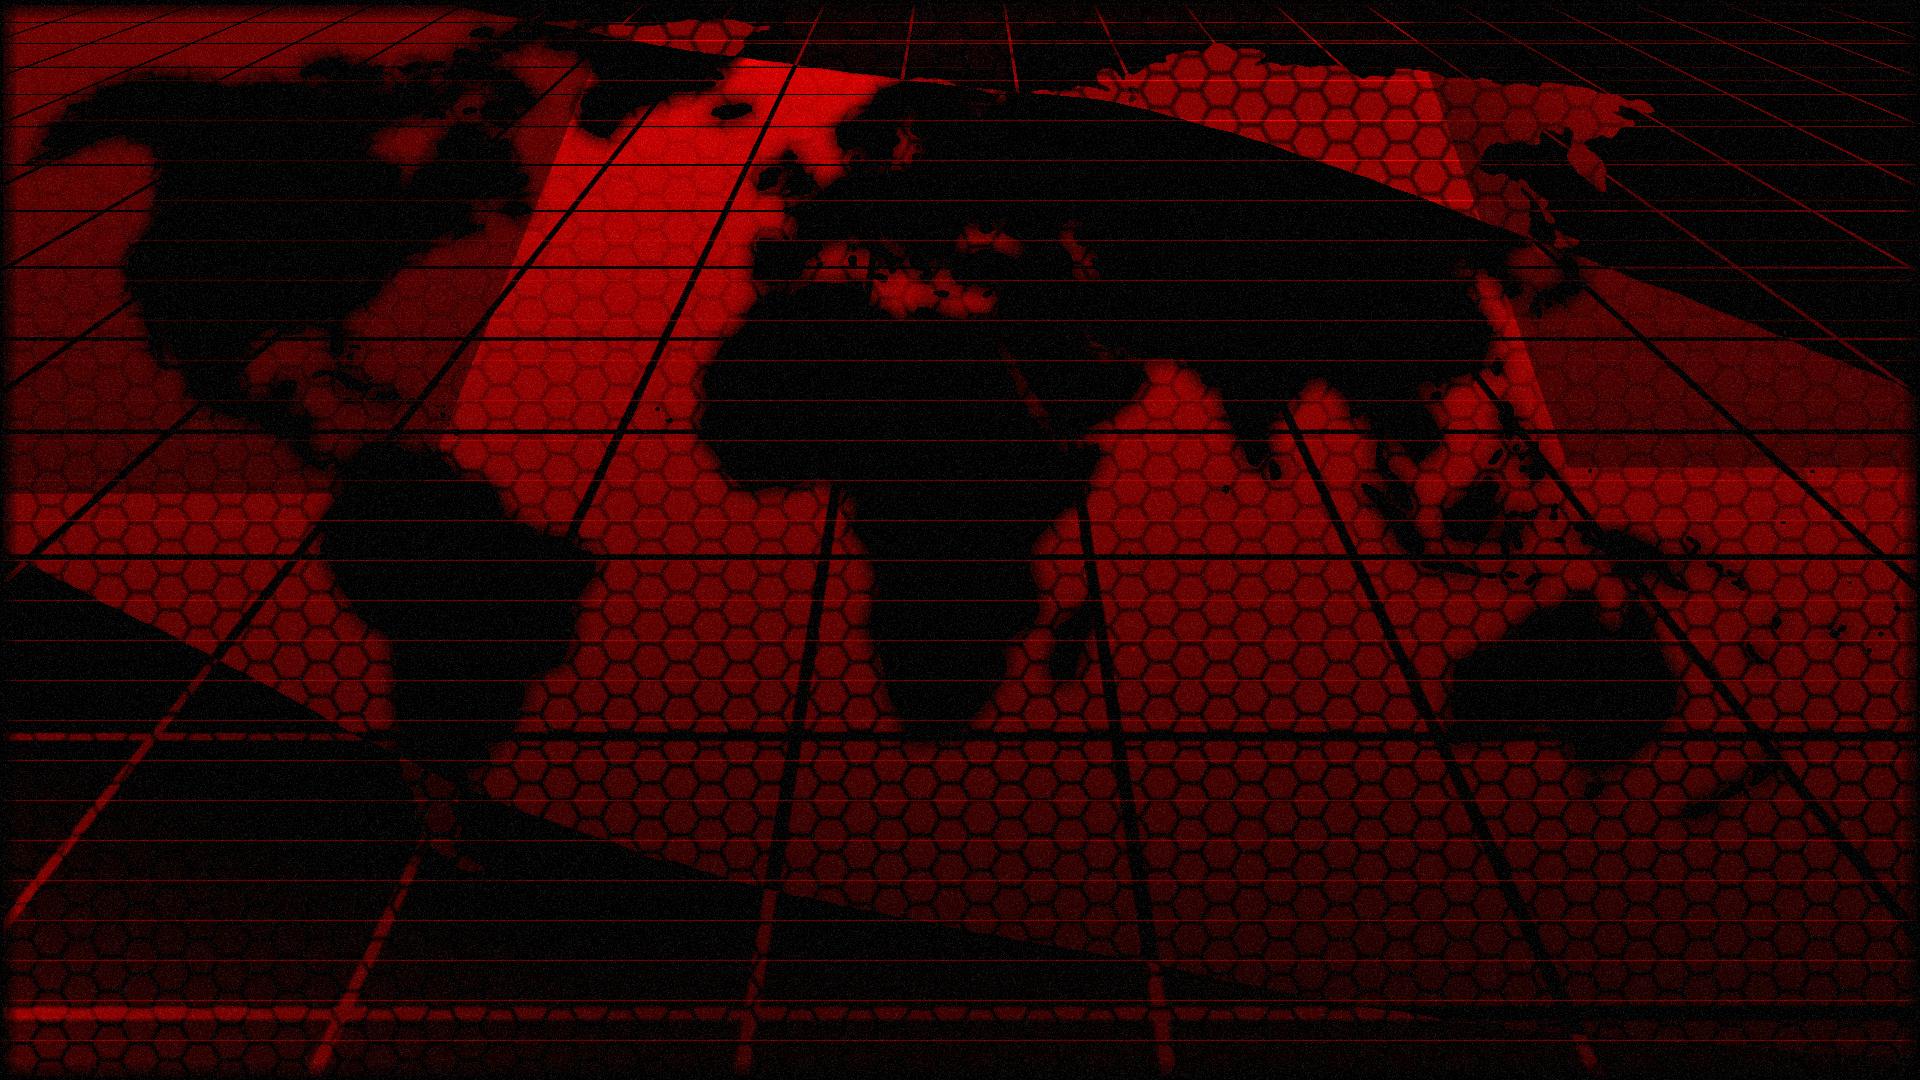 Digital world map for rainmeter theme holders by doublea7 on digital world map for rainmeter theme holders by doublea7 gumiabroncs Images